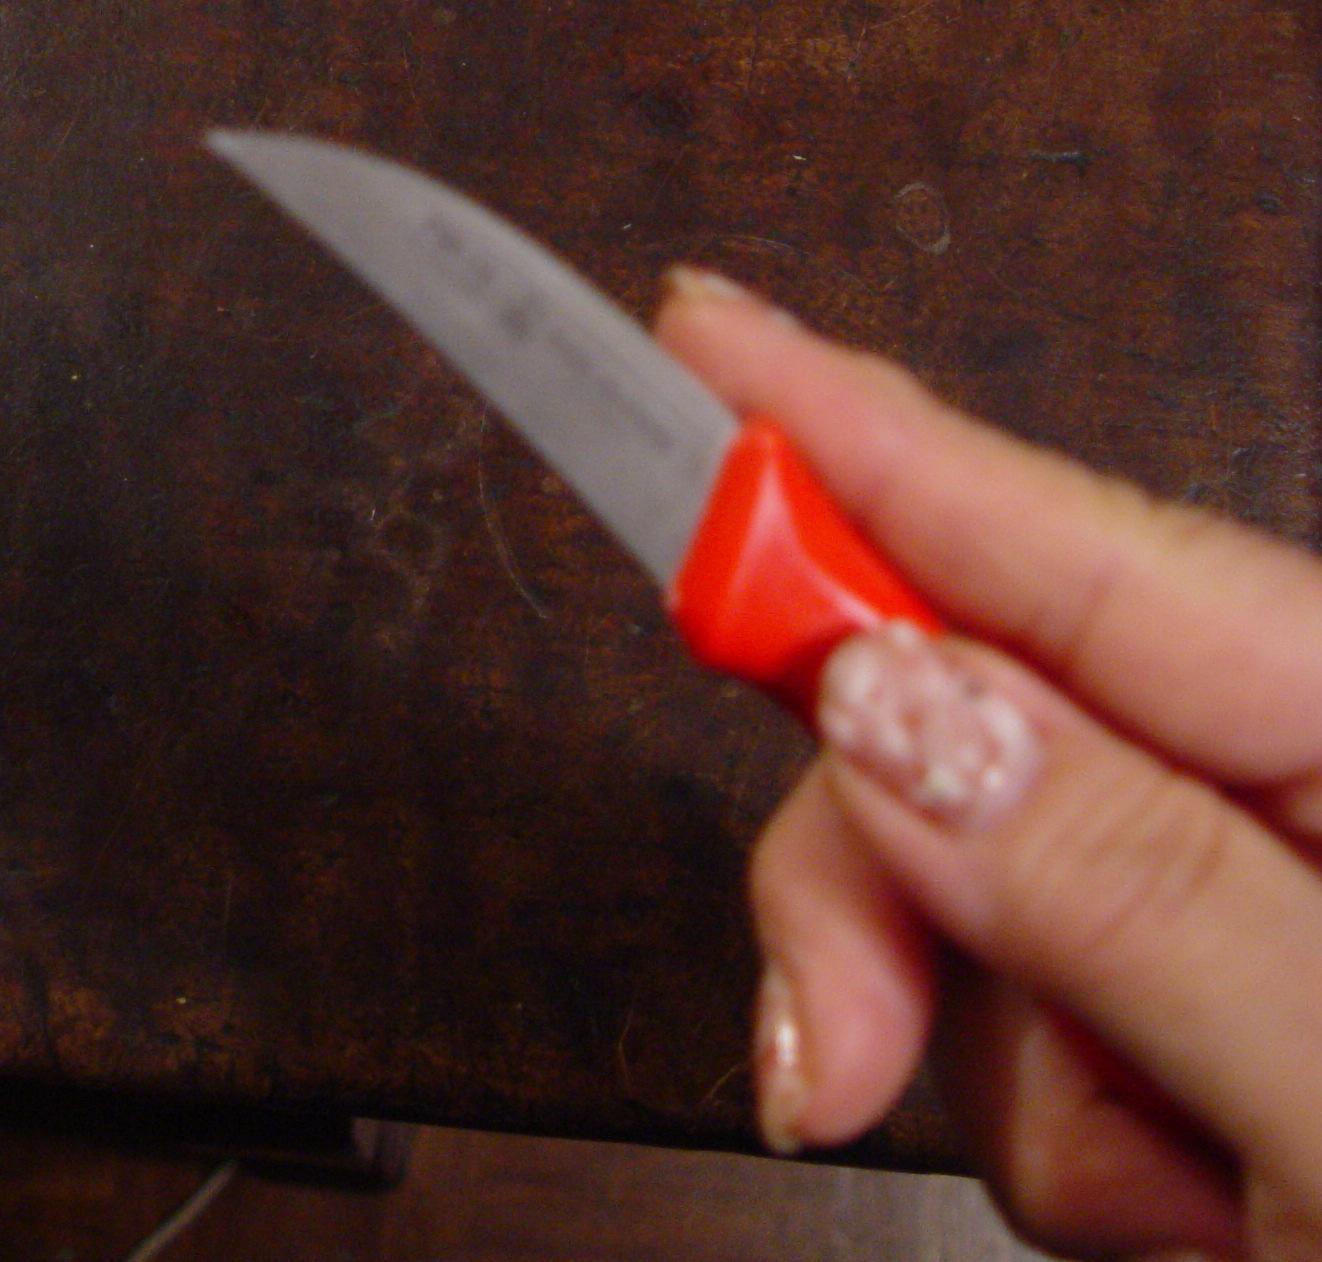 knife2.JPG